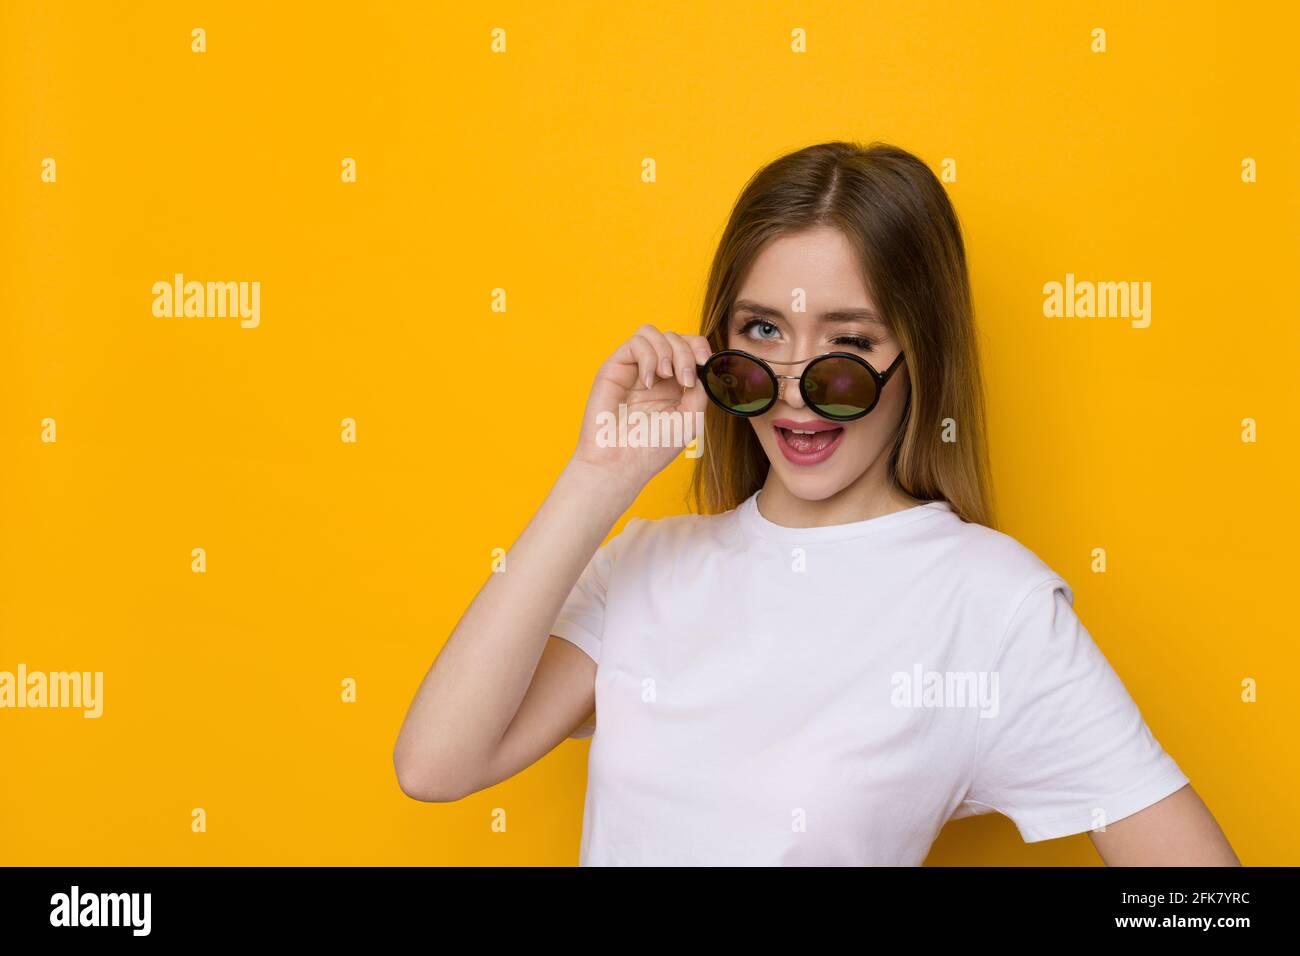 Curieuse jeune femme blonde en chemise blanche est regarder loin au-dessus de lunettes de soleil et de wencrage. Taille haute studio tourné sur fond jaune. Banque D'Images